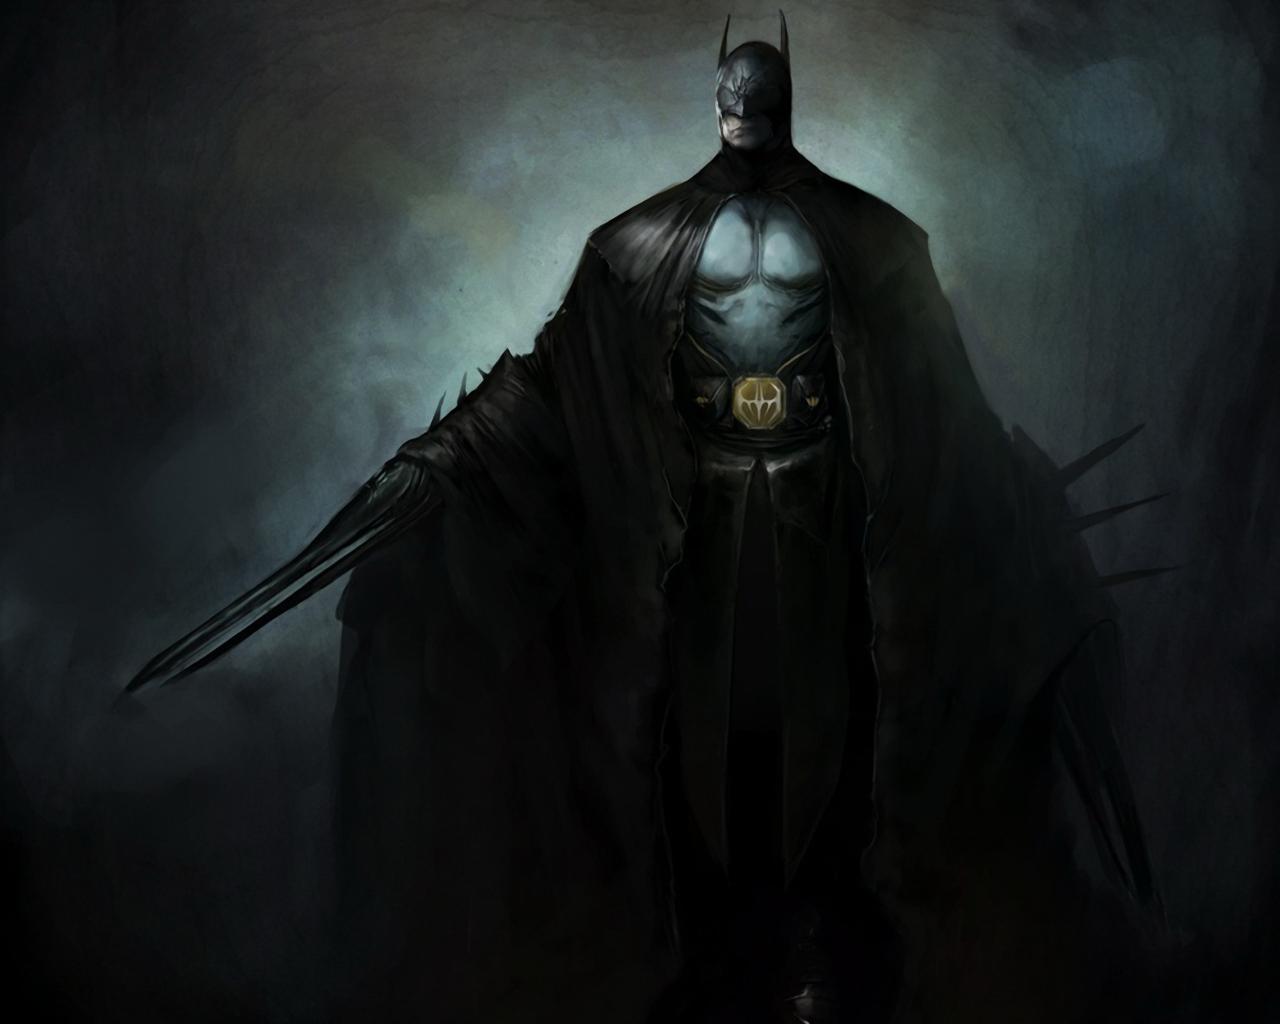 High Qulity Wallpaper Batman HD